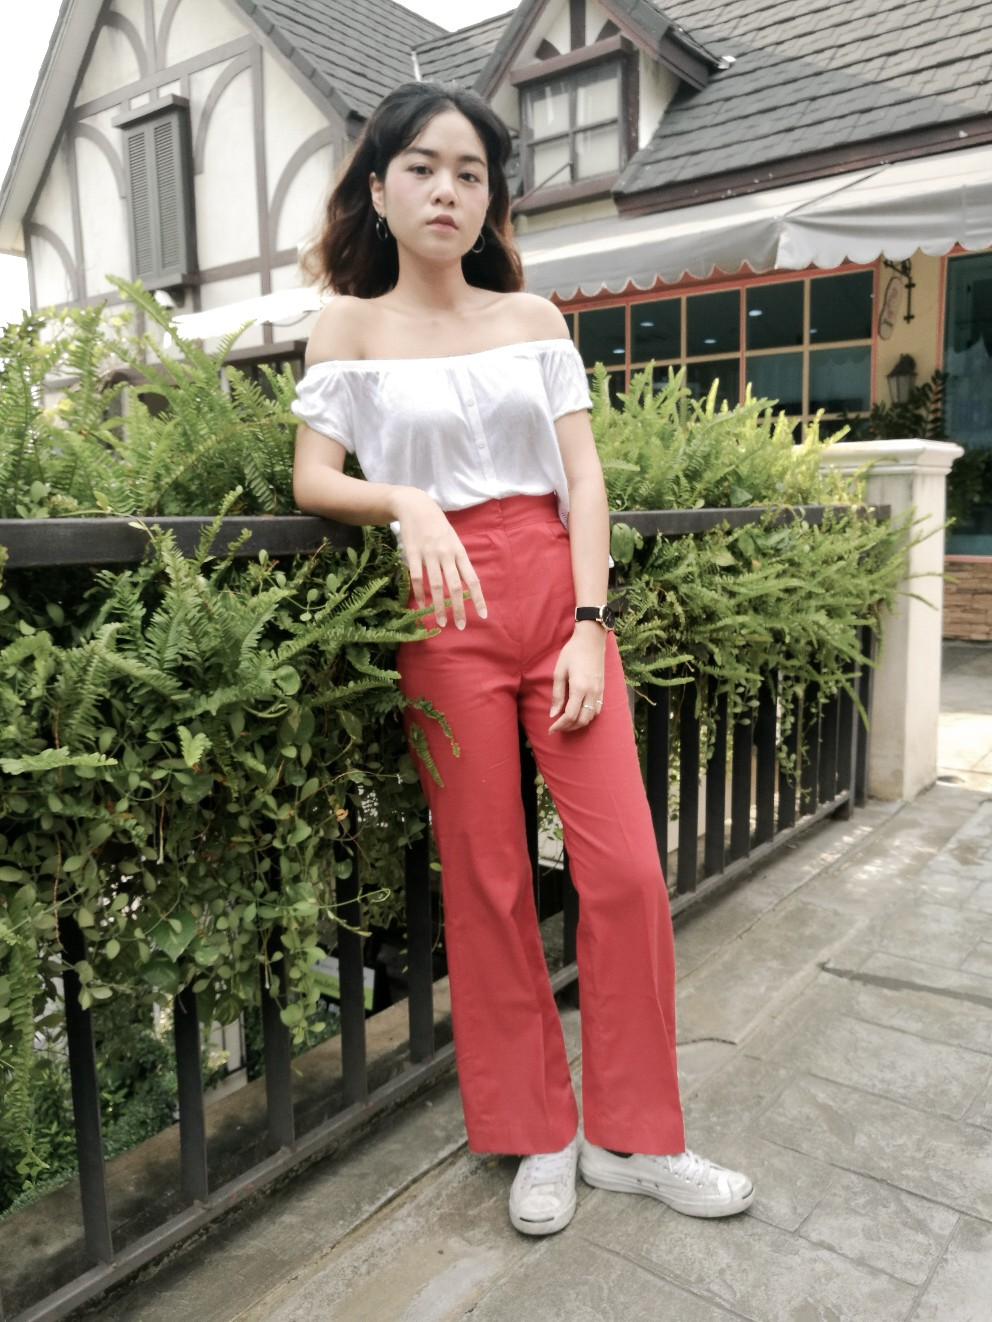 กางเกงขายาว,กางเกงแฟชั่น,กางเกงเอวสูง,กางเกงผู้หญิง,กางเกงขาม้า,กางเกงทํางาน,กางเกงผ้าเนื้อดี,กางเกงขาบาน,กางเกงเอว